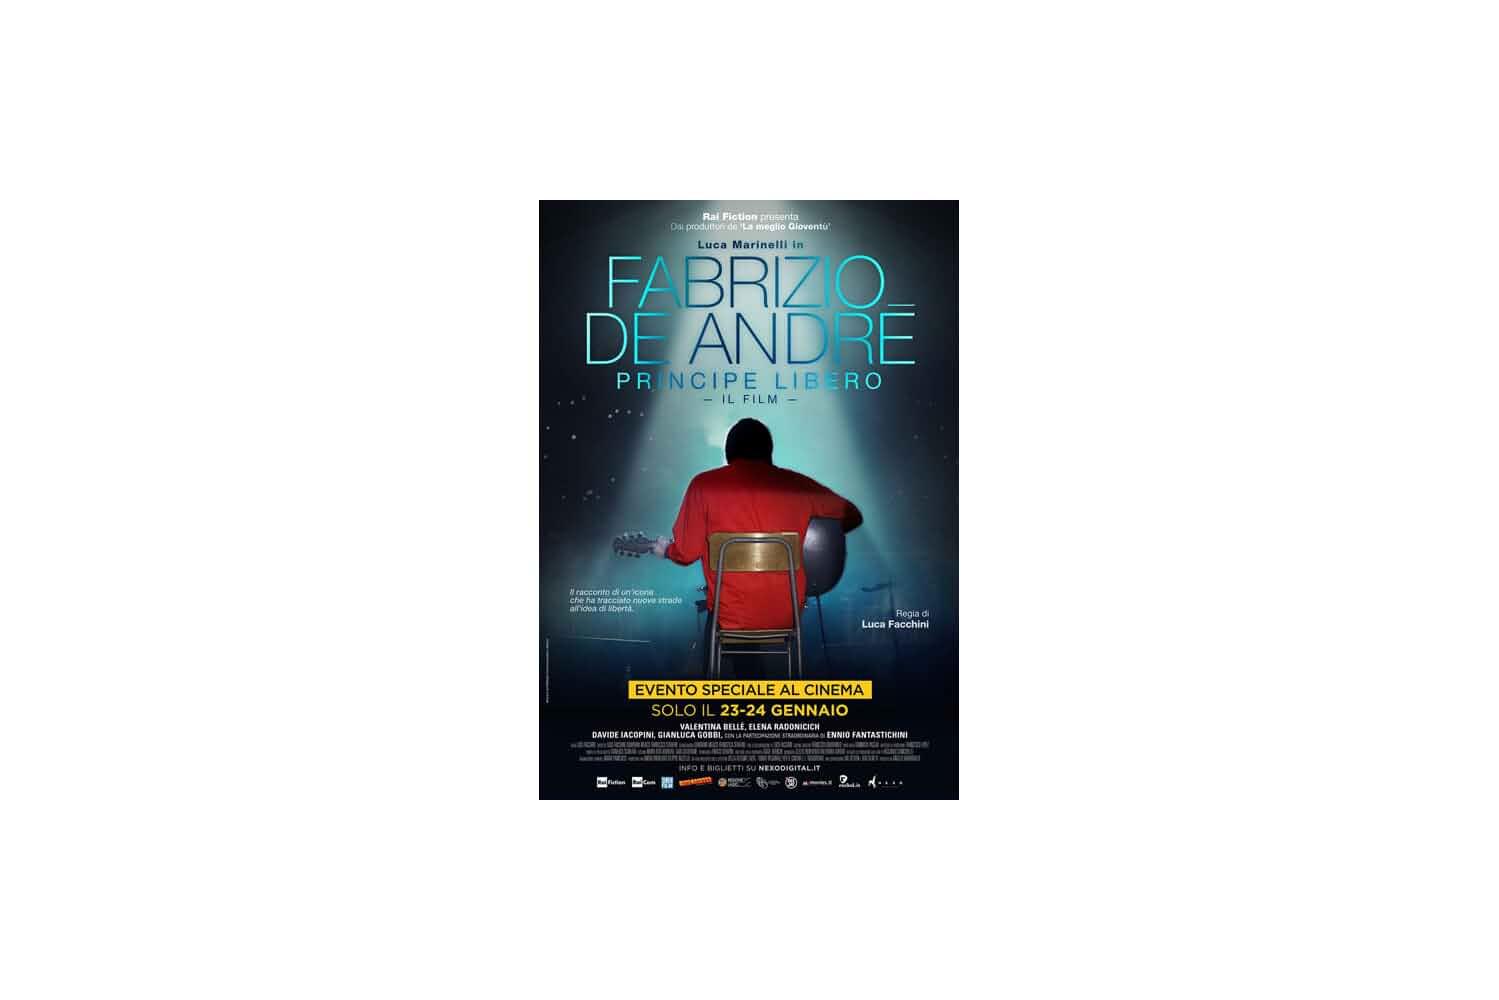 Fabrizio De Andr: Principe libero (2018)